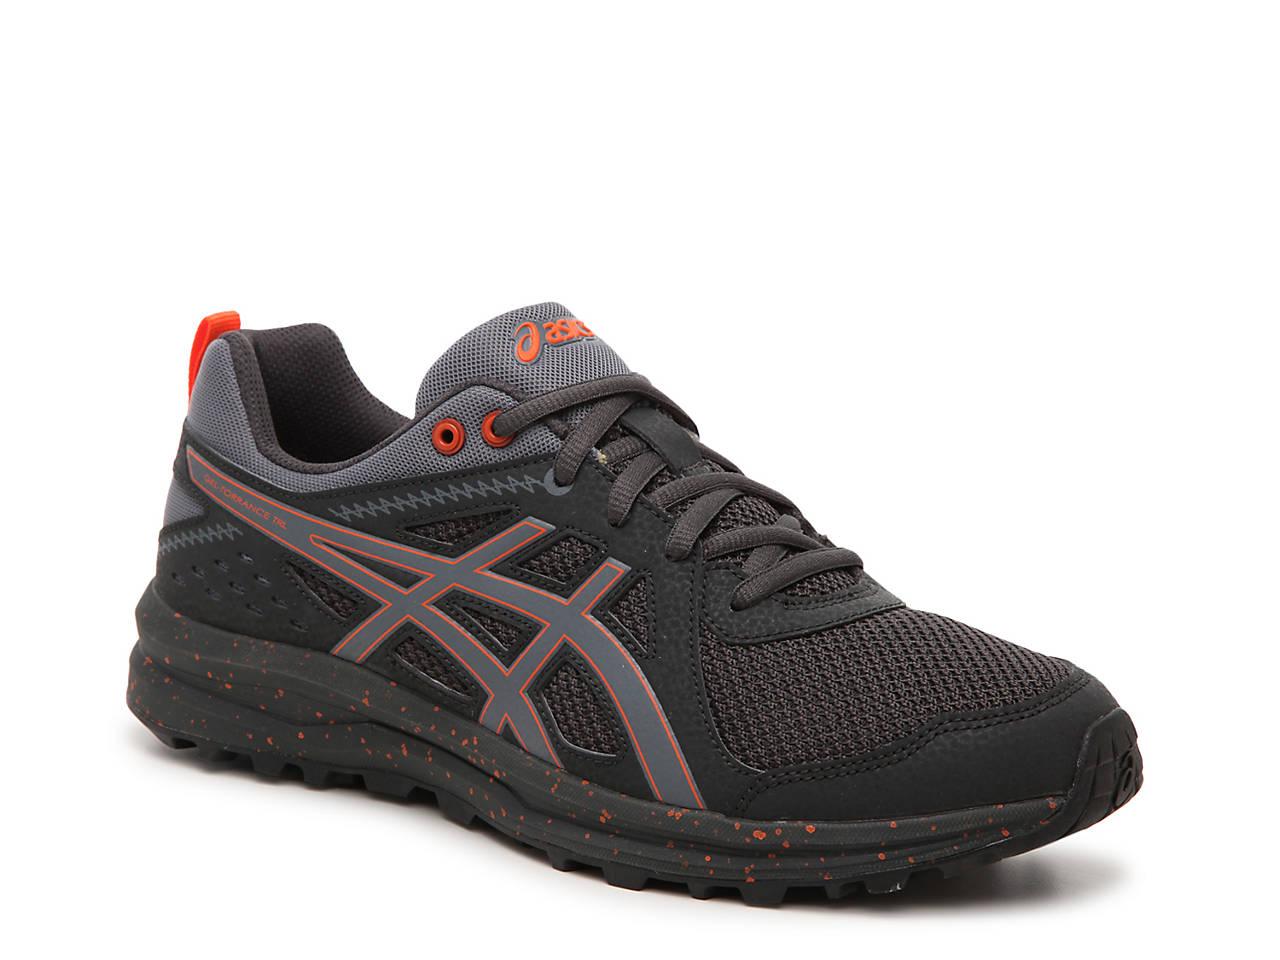 ASICS GEL Torrance TR Running Shoe Men's Men's Shoes DSW  DSW